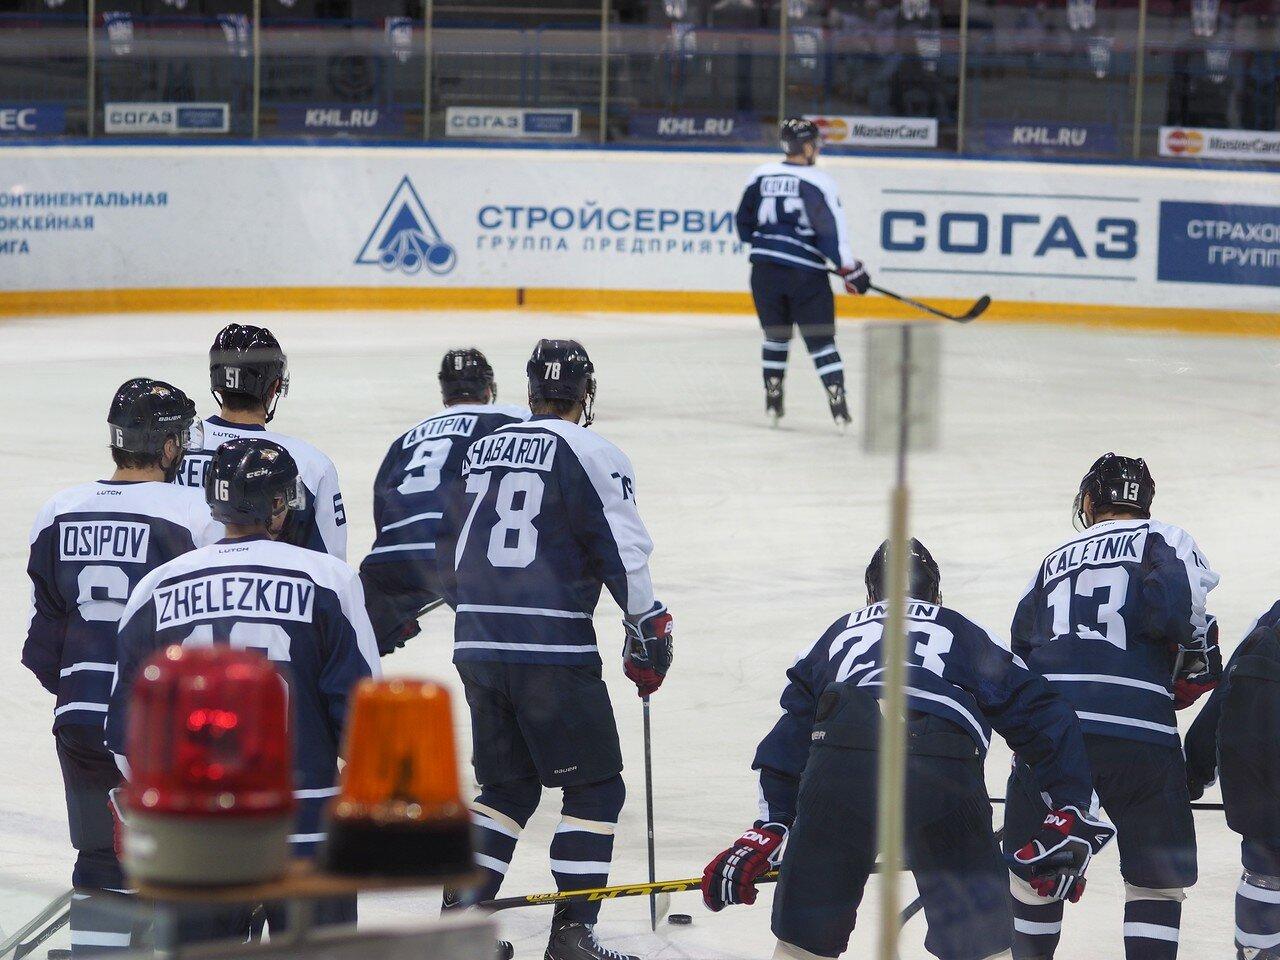 22Металлург - Динамо Москва 28.12.2015